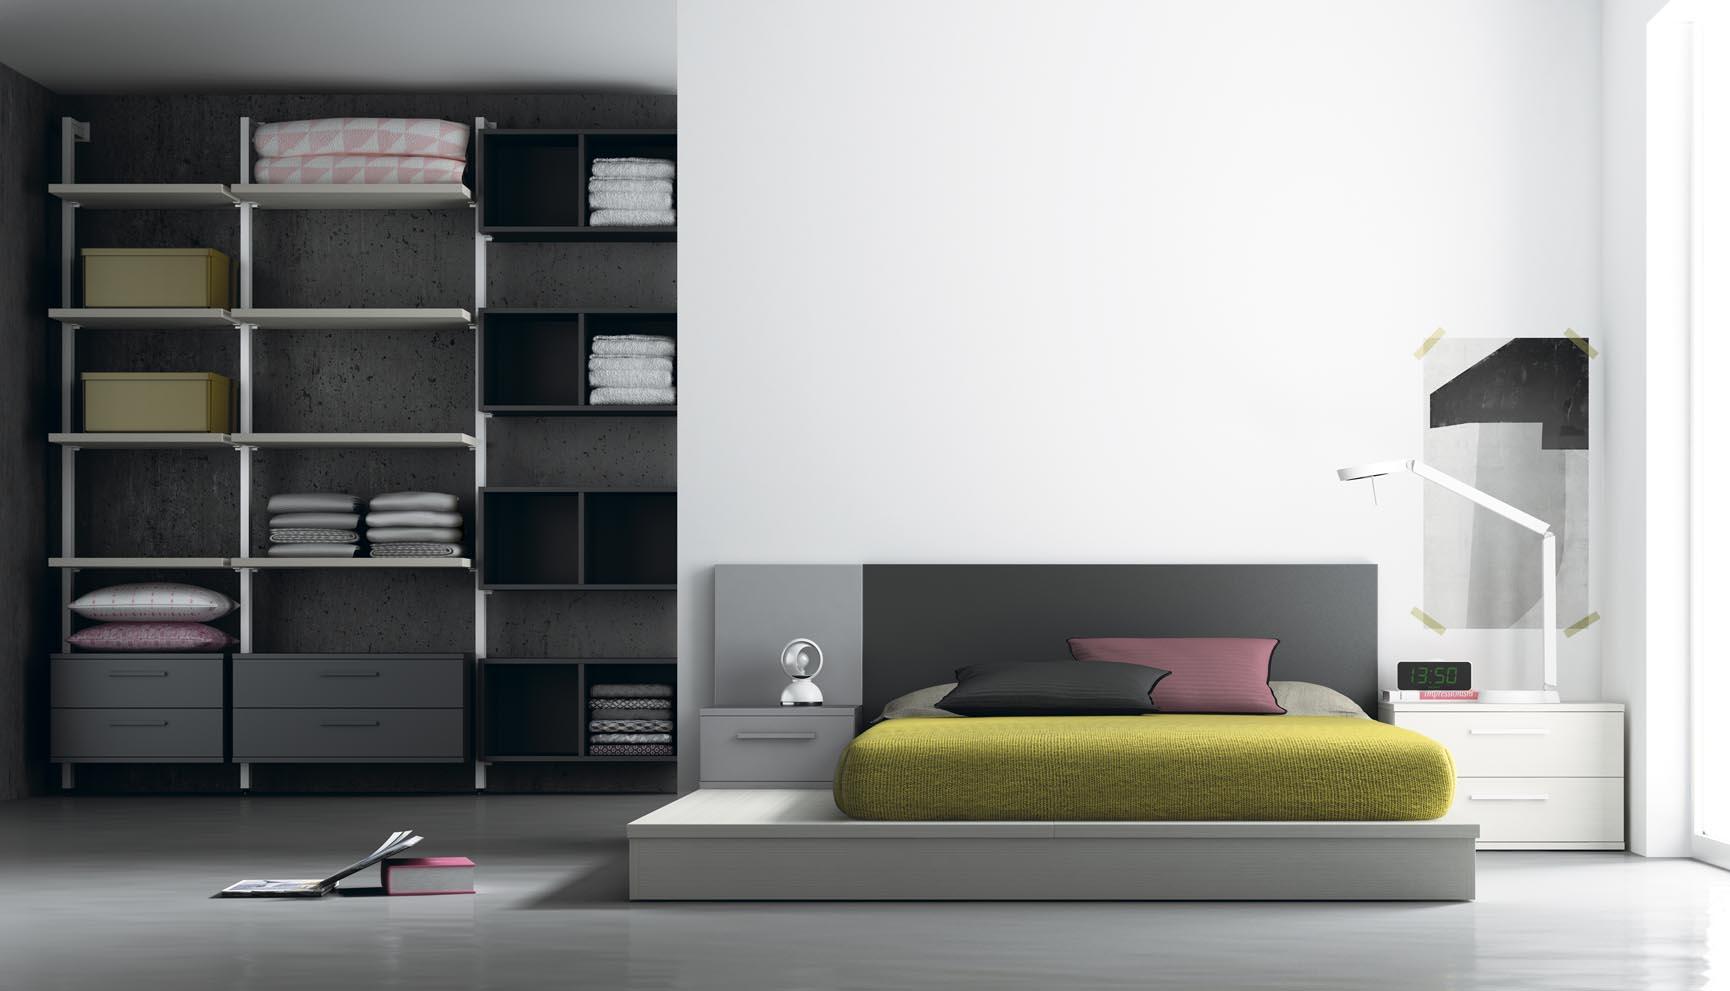 Tatat muebles a medida y m s expertos en mueble juvenil for Dormitorios modernos para adultos